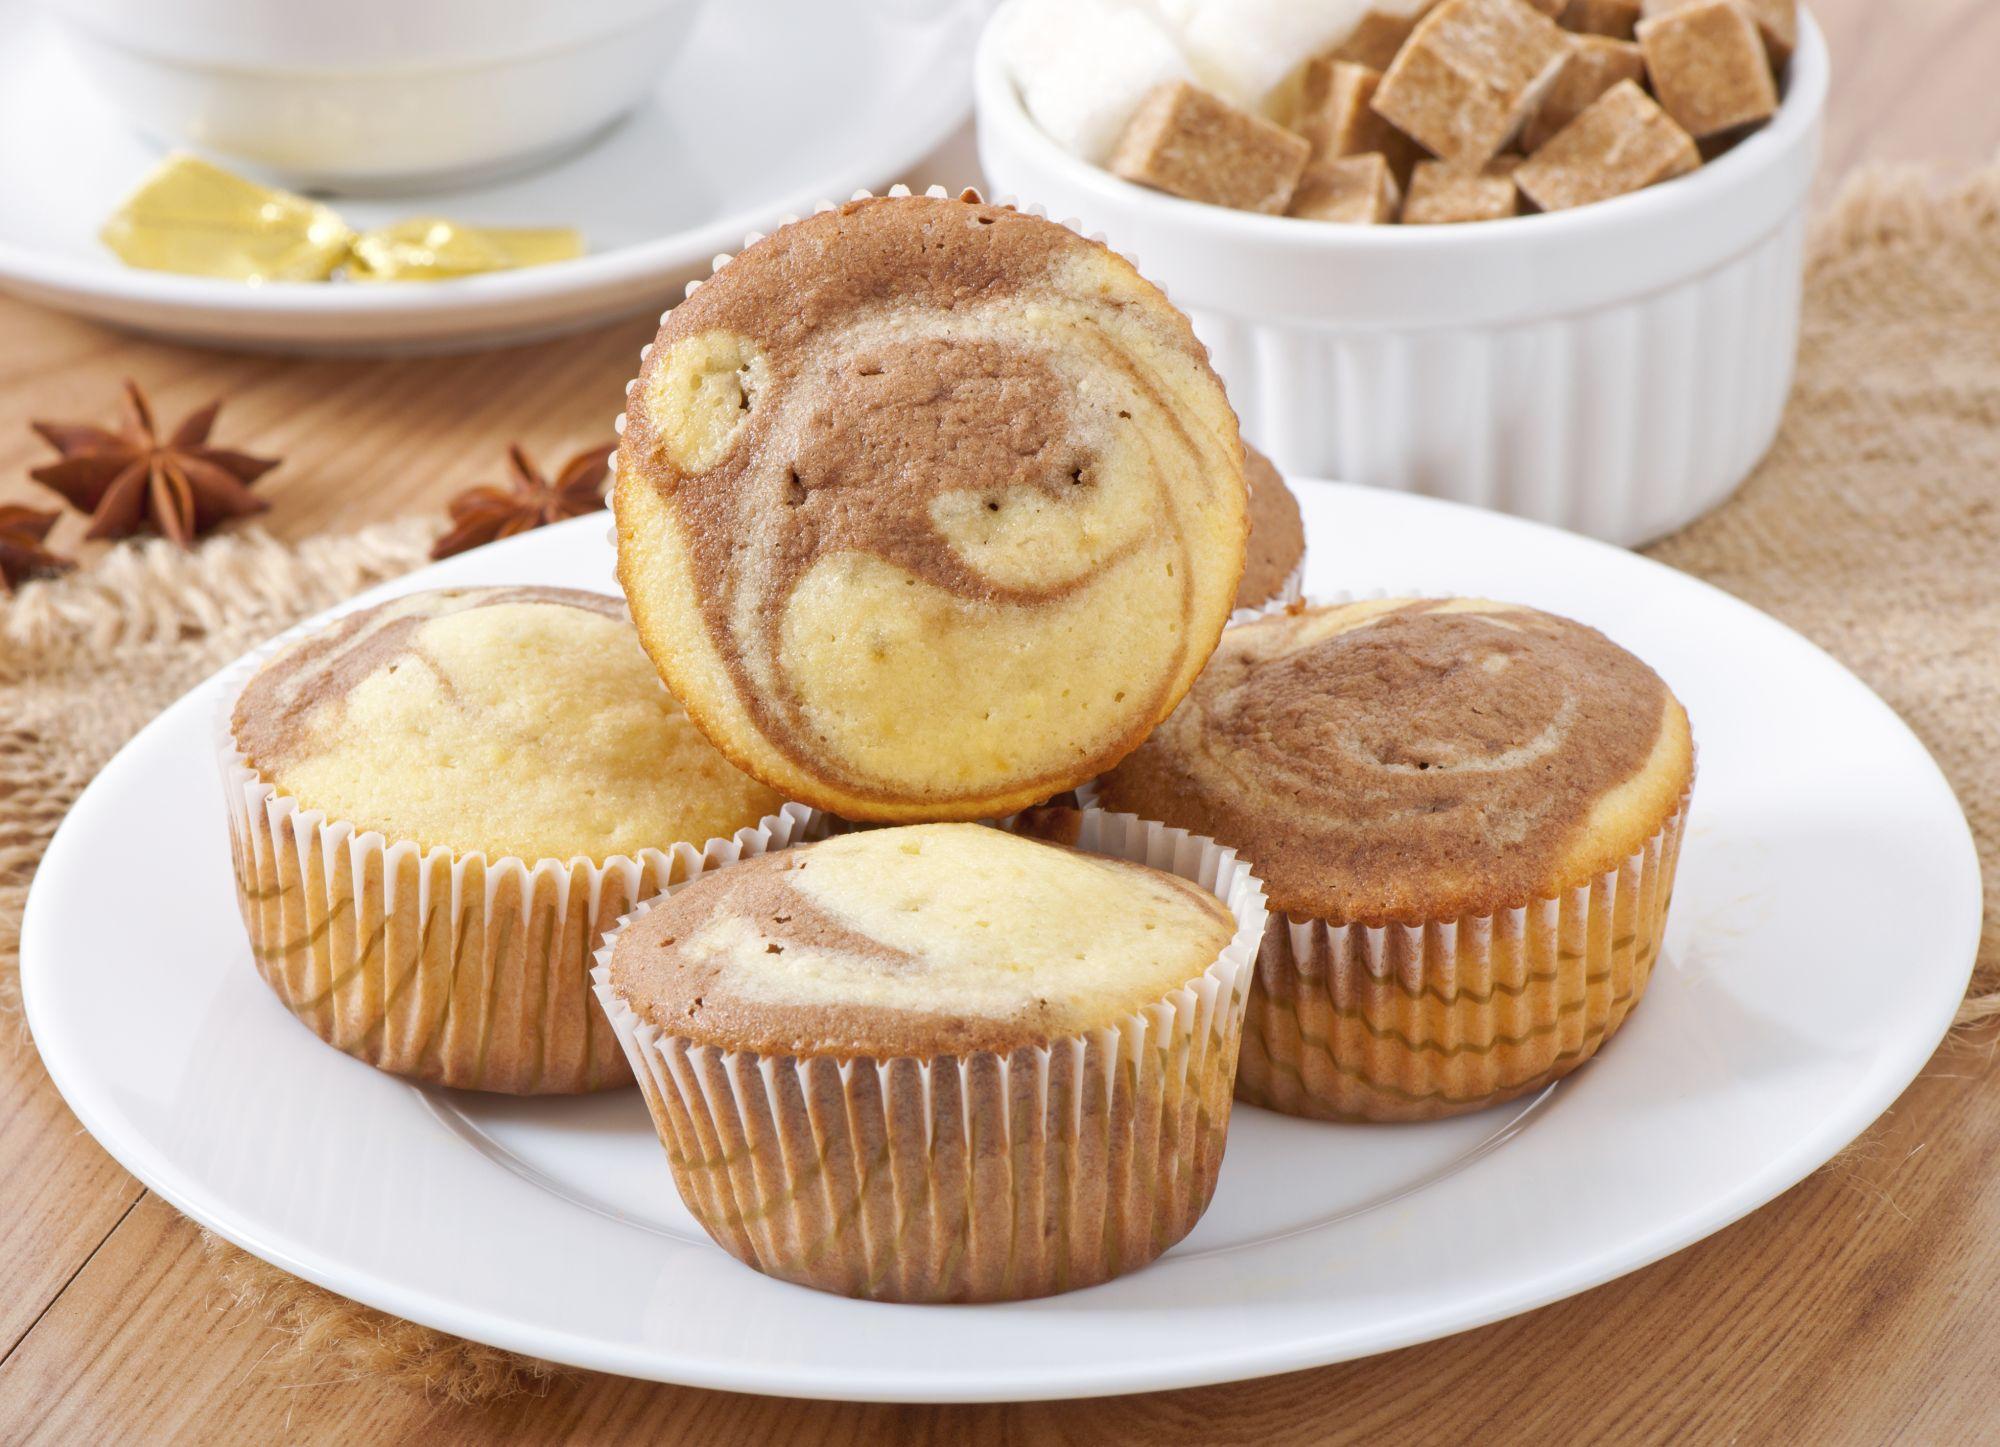 nutella marmor muffins ein super einfaches rezept nicht nur f r kinder 4 8 5. Black Bedroom Furniture Sets. Home Design Ideas